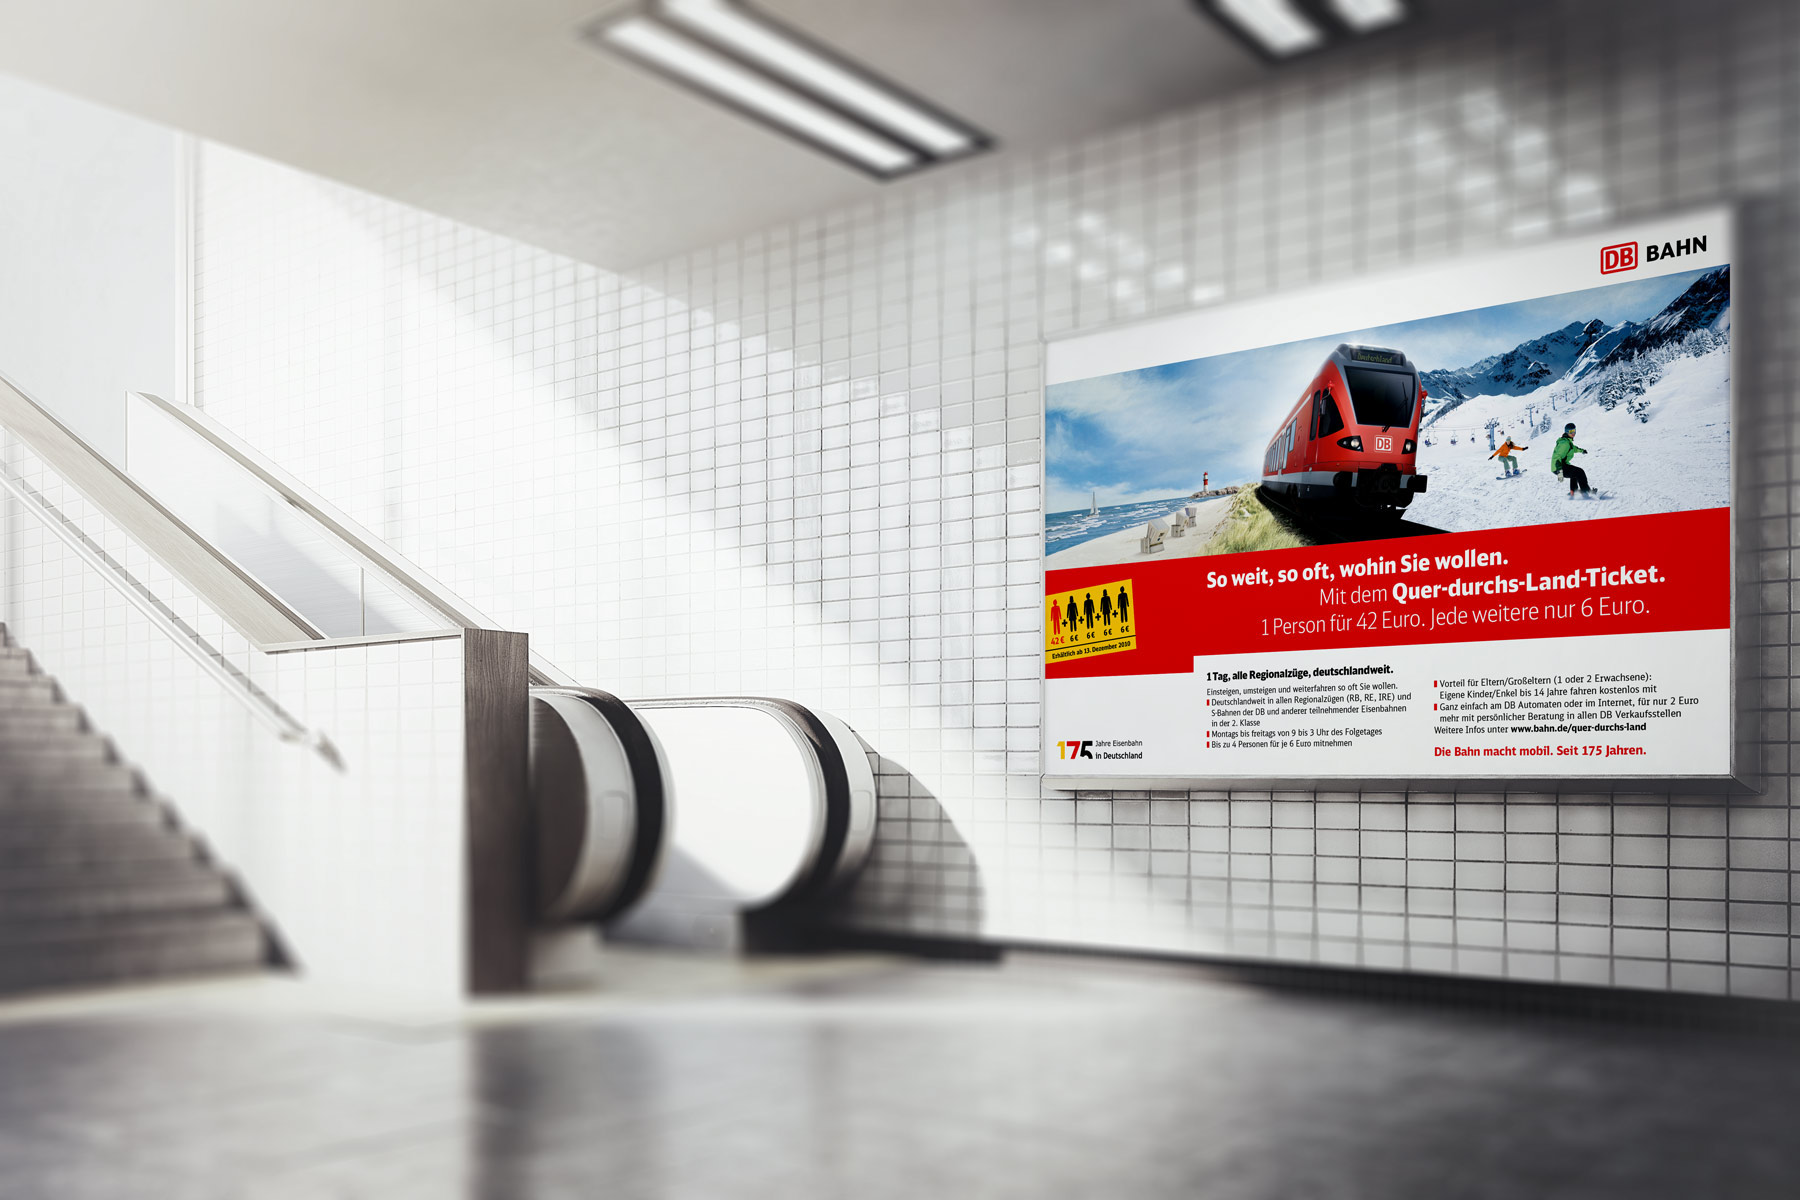 Bahn quer durchs land ticket